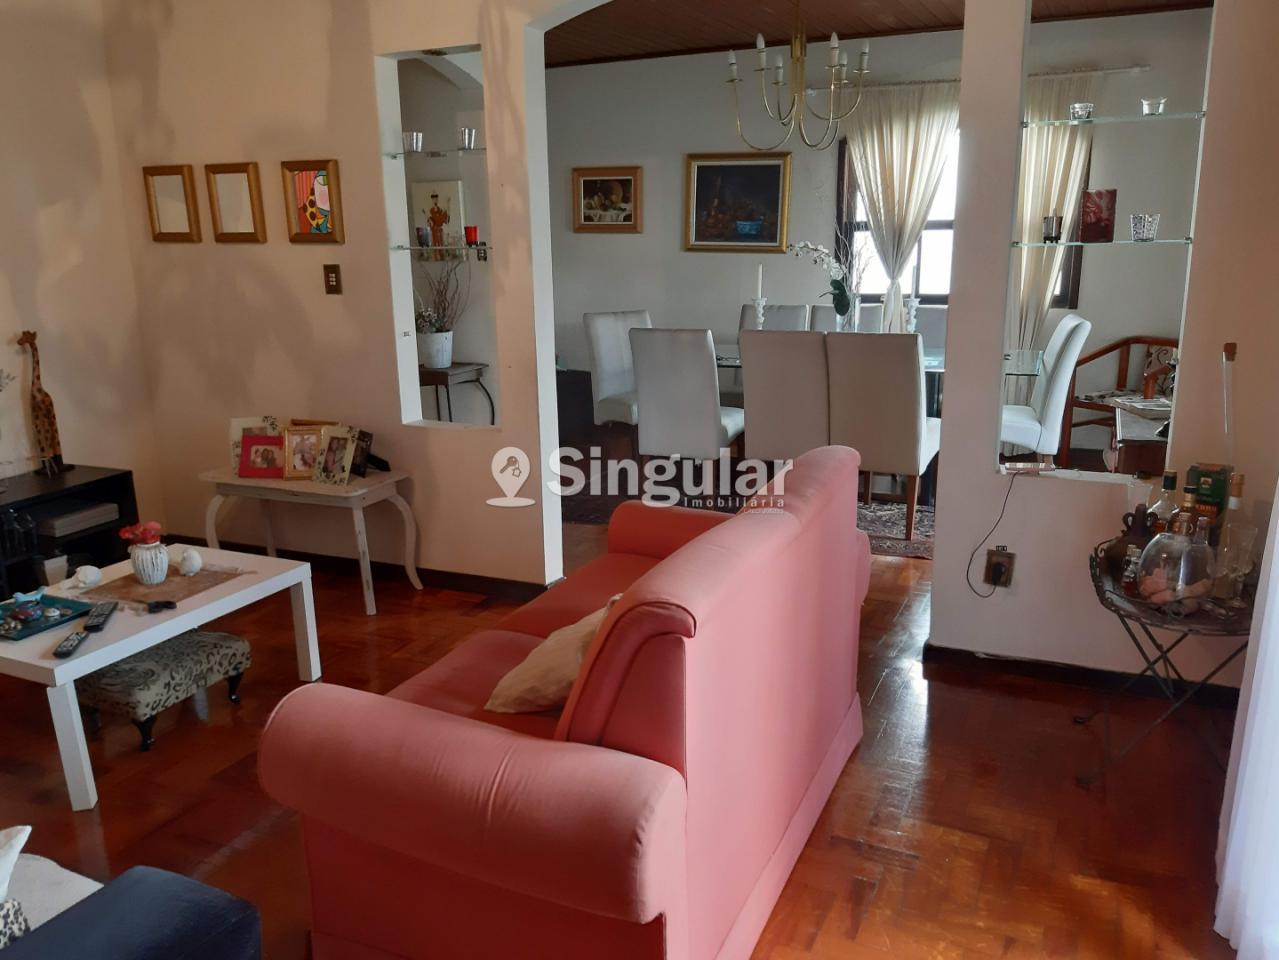 Foto Casa - Rua Nilo Peçanha - Vila Estrela